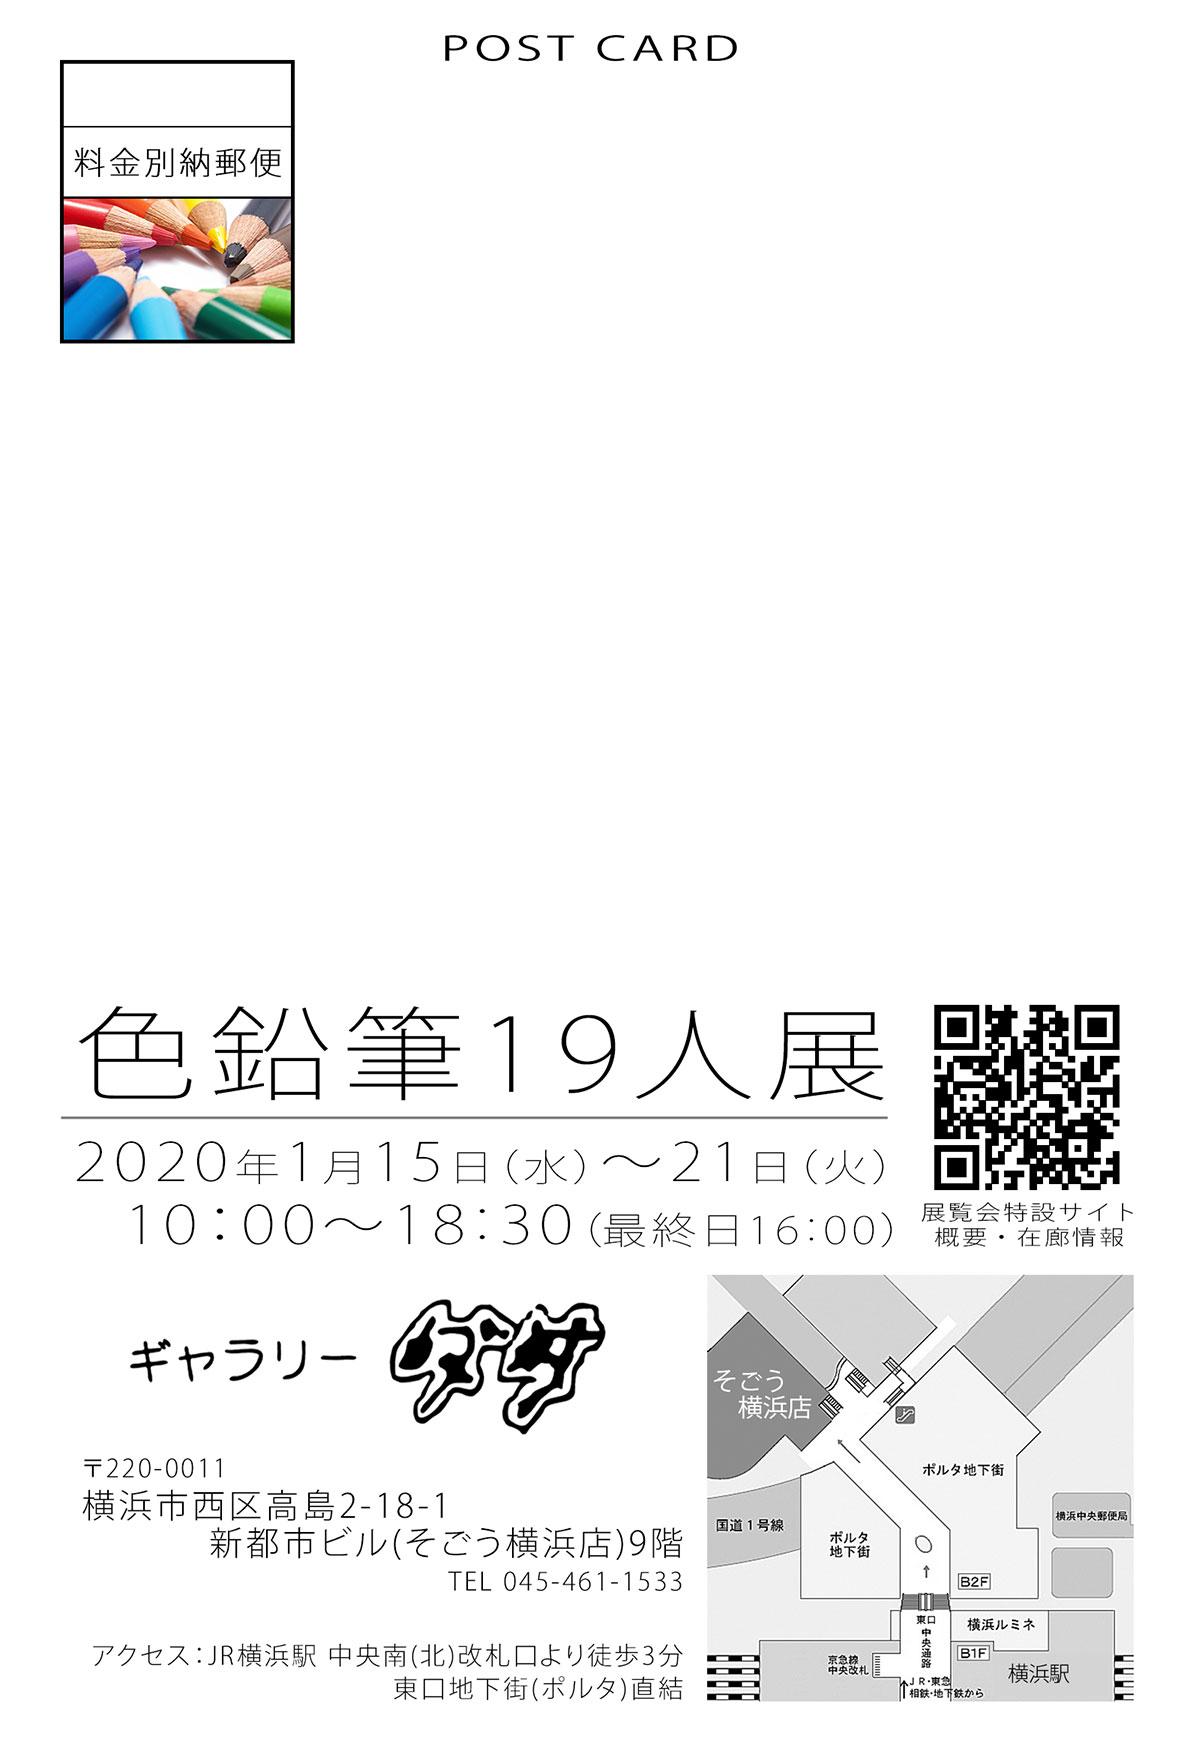 20191216_002.jpg